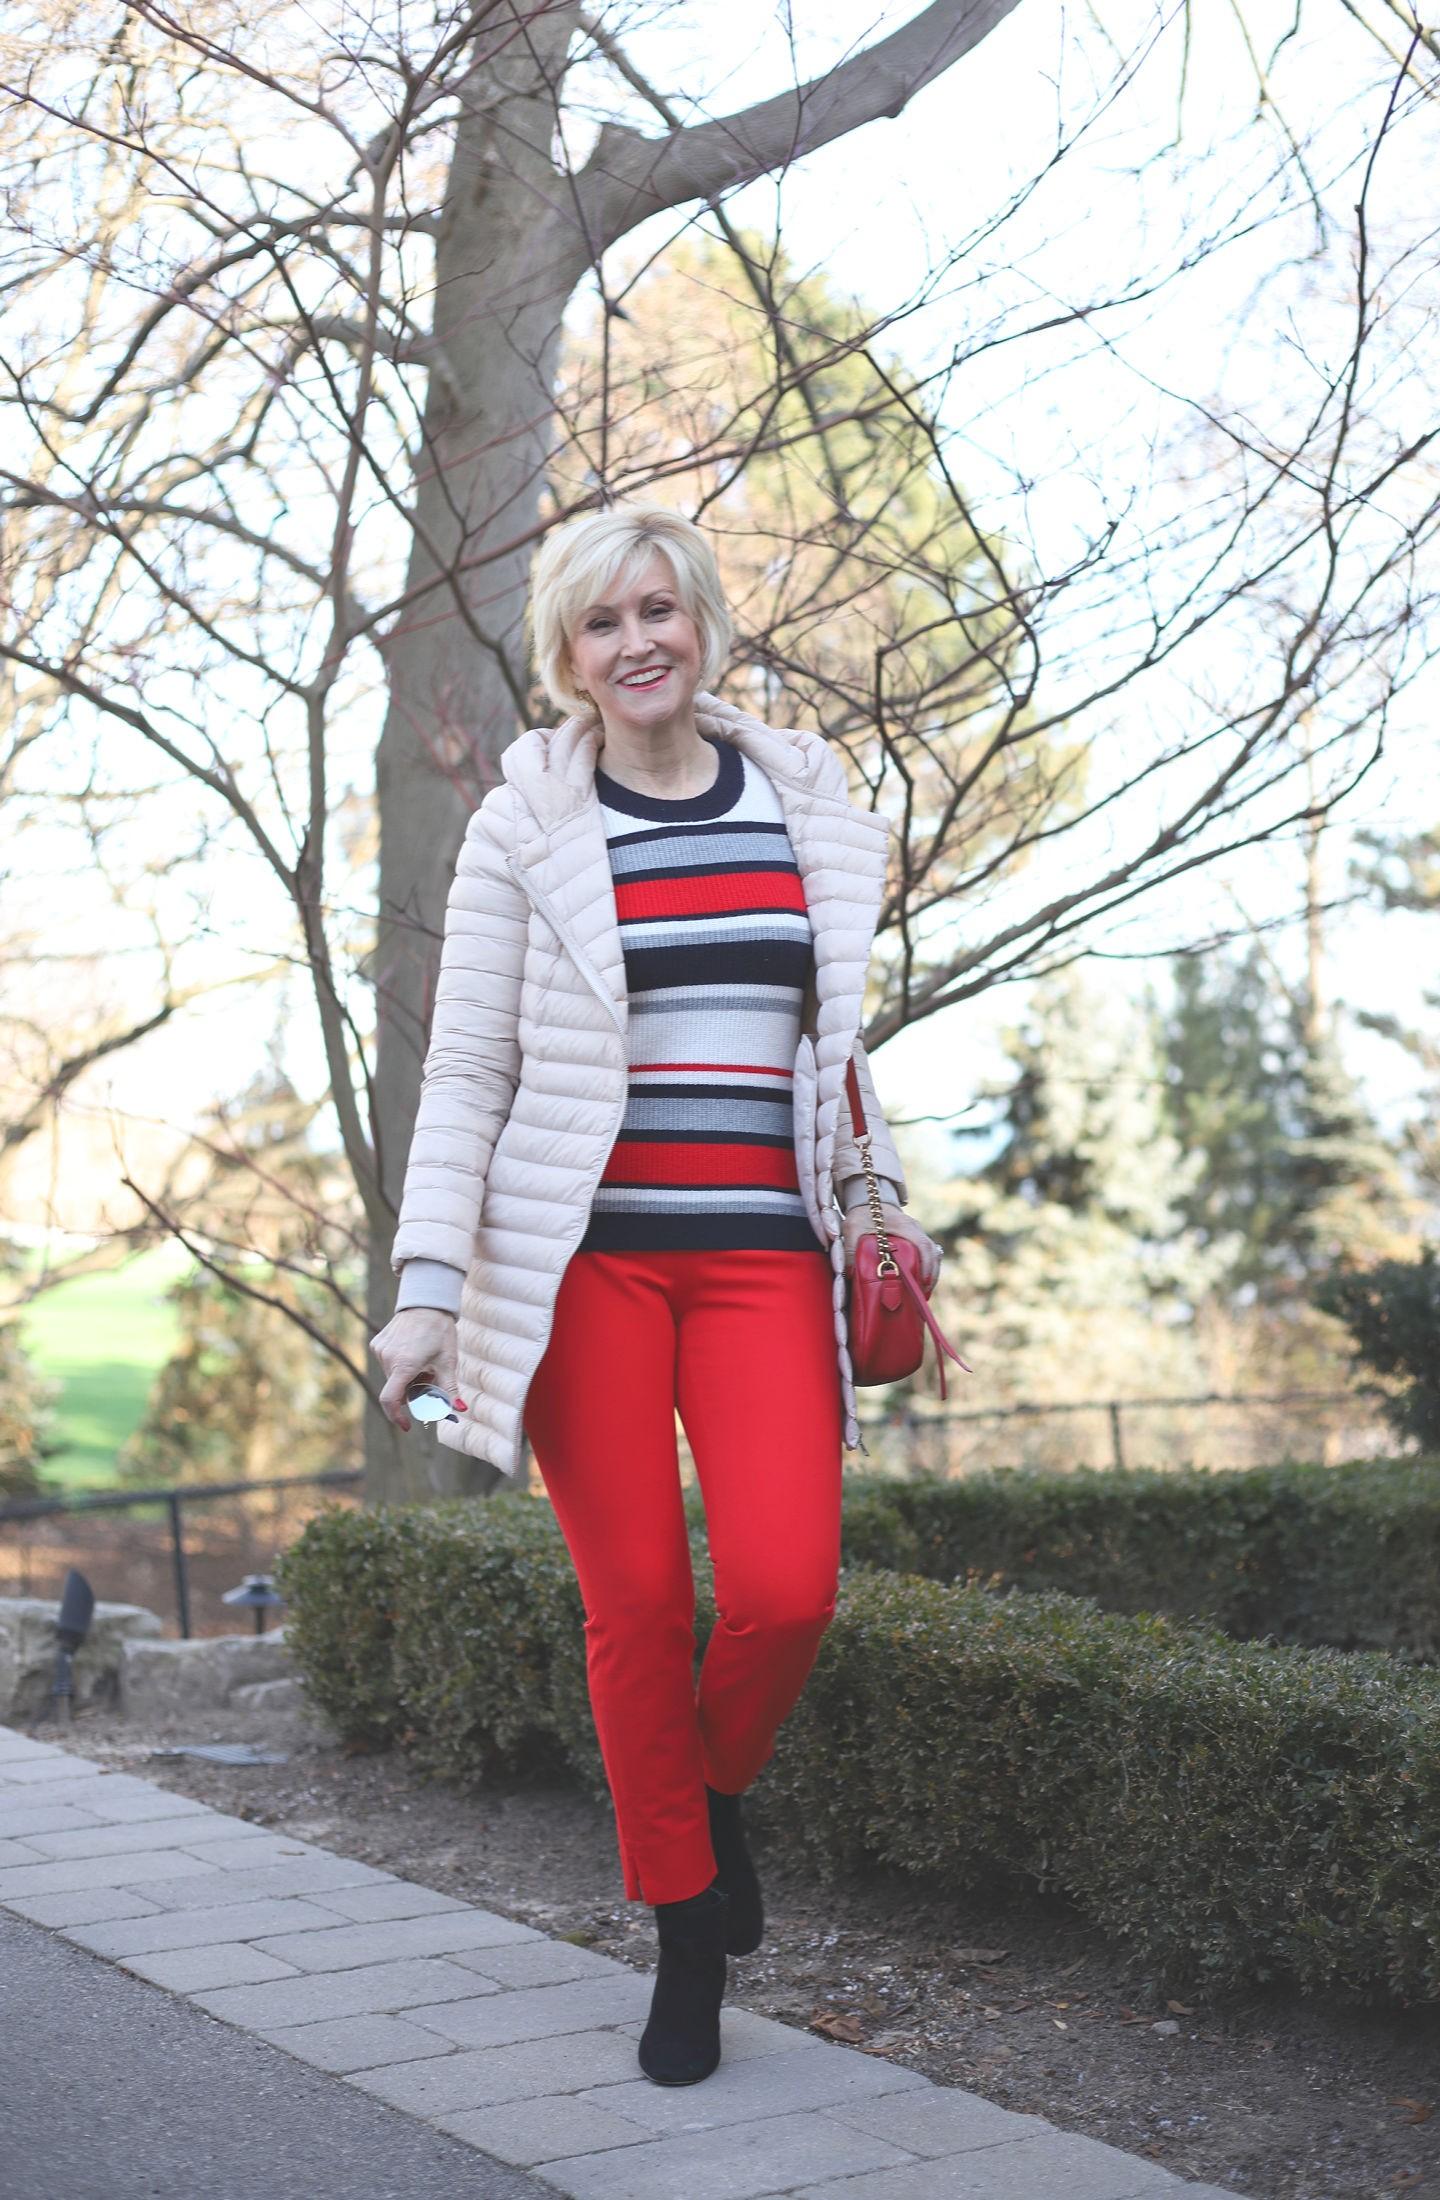 تنسيق اللون الأحمر في ملابس الشتاء - البنطال الأحمر